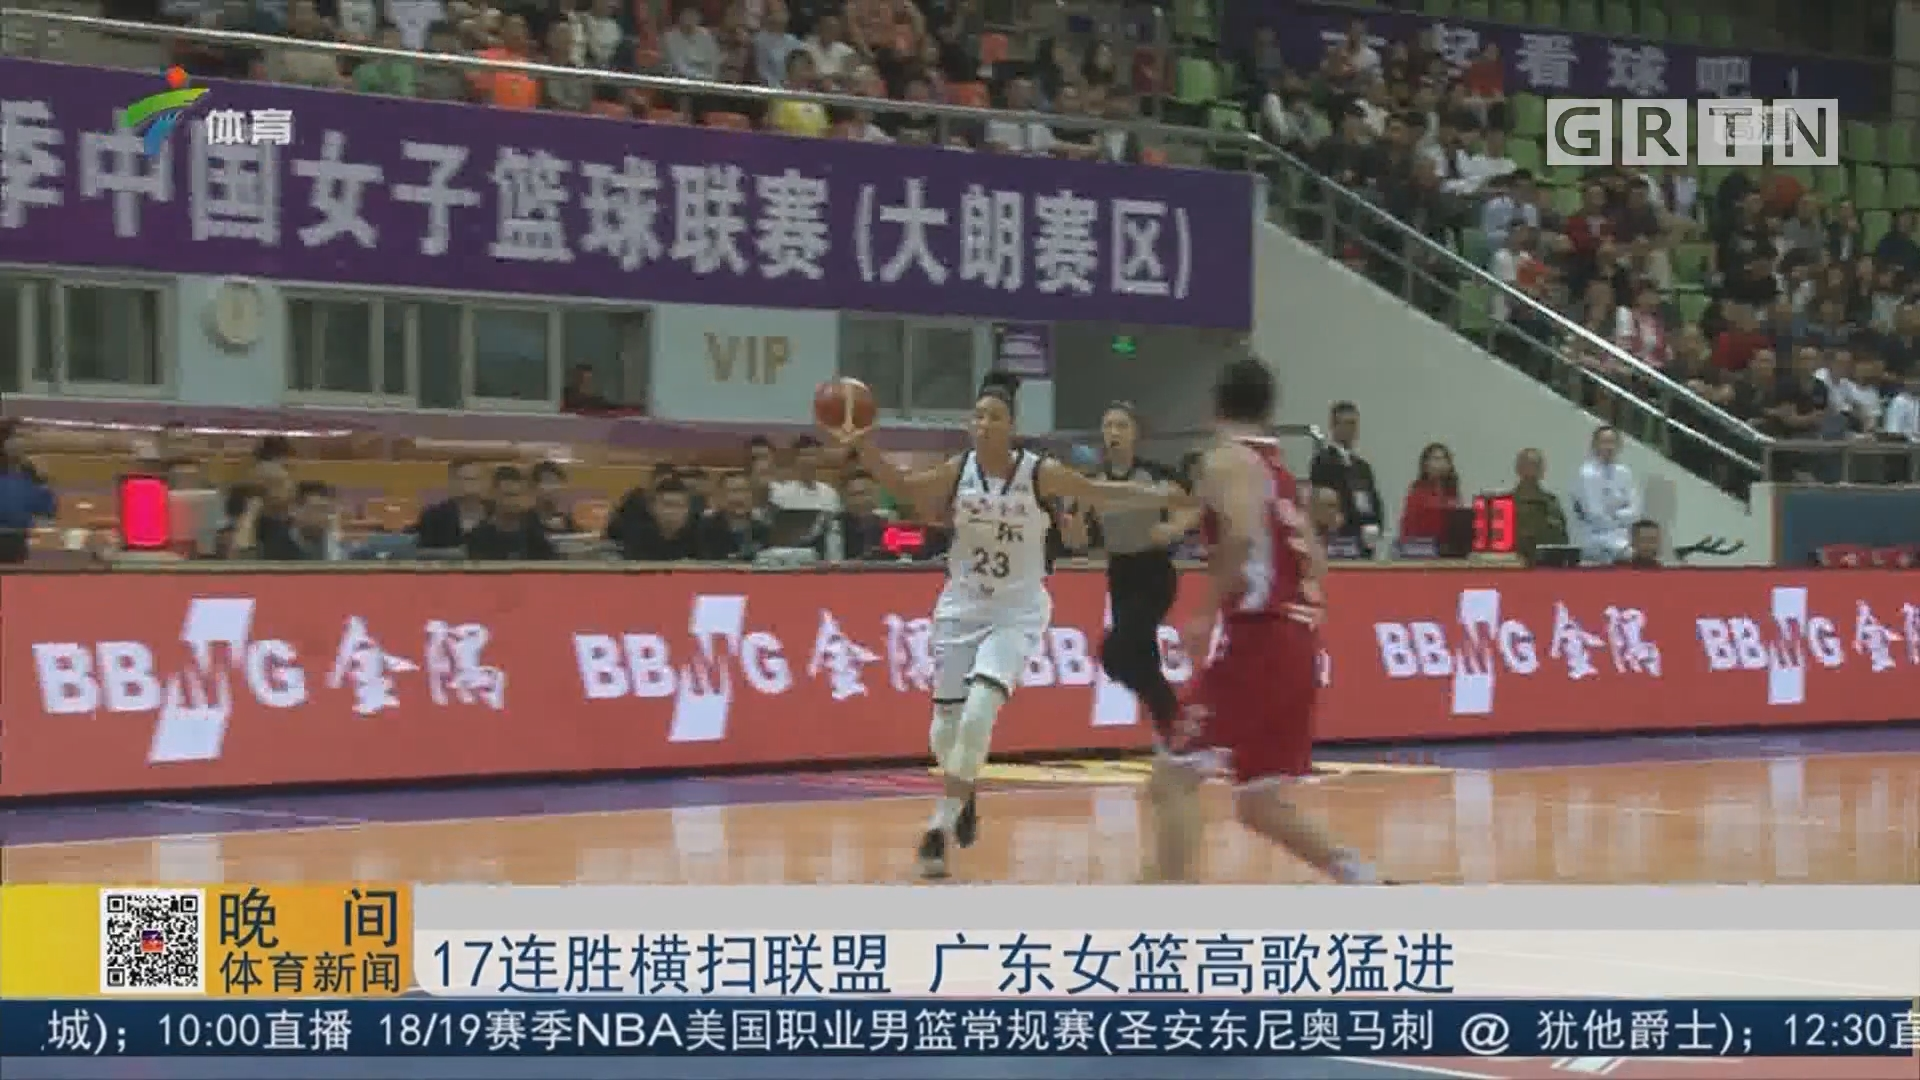 17连胜横扫联盟 广东女篮高歌猛进